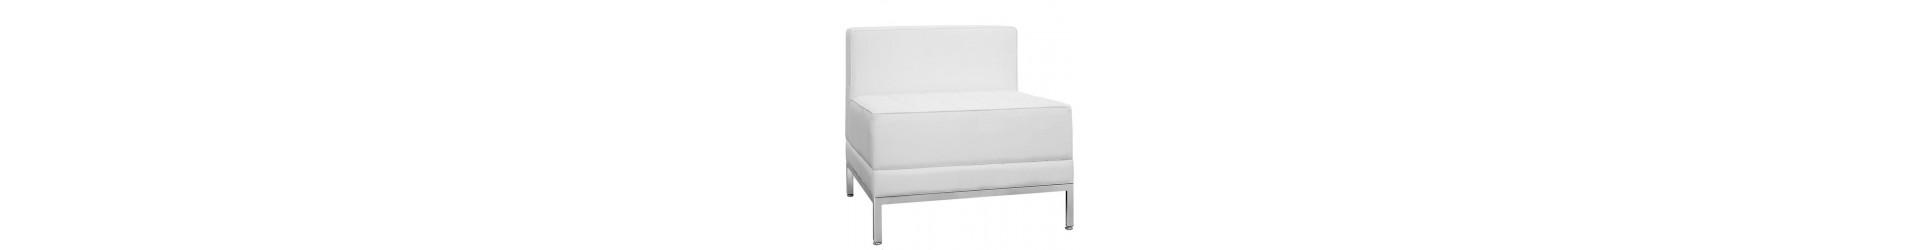 Sofá y el sillón ideal para lugares públicos